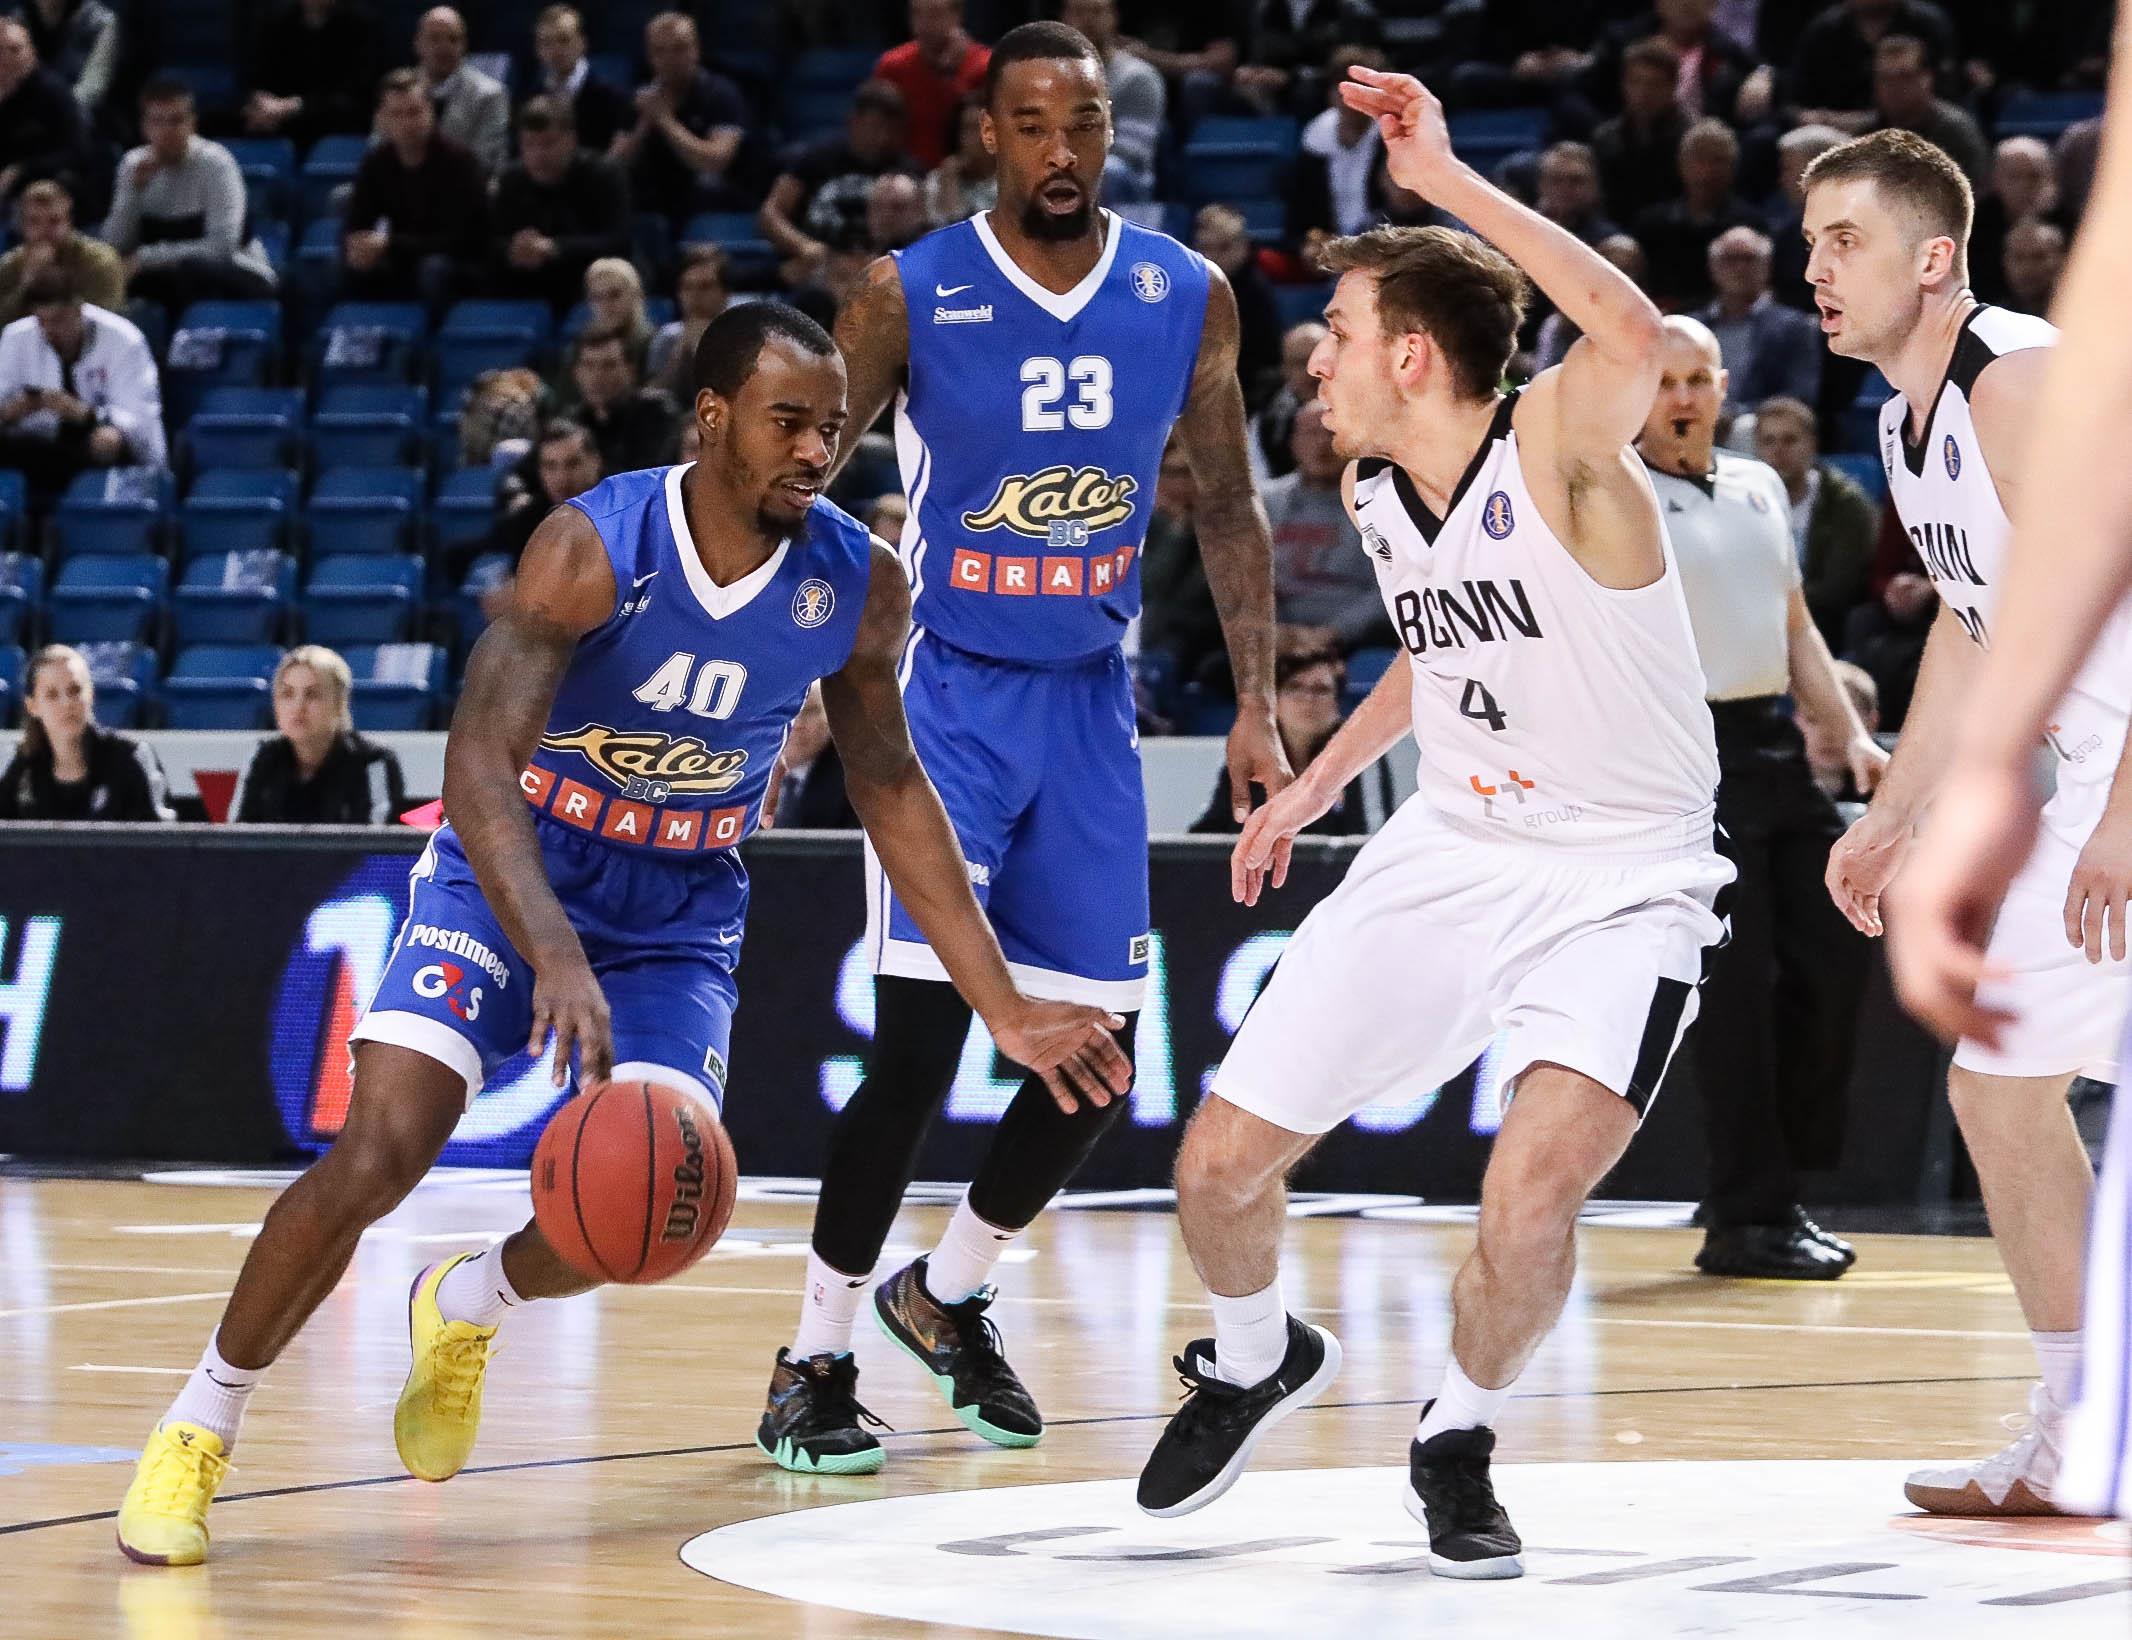 Kalev Clips Nizhny Novgorod, Grabs 7th Place